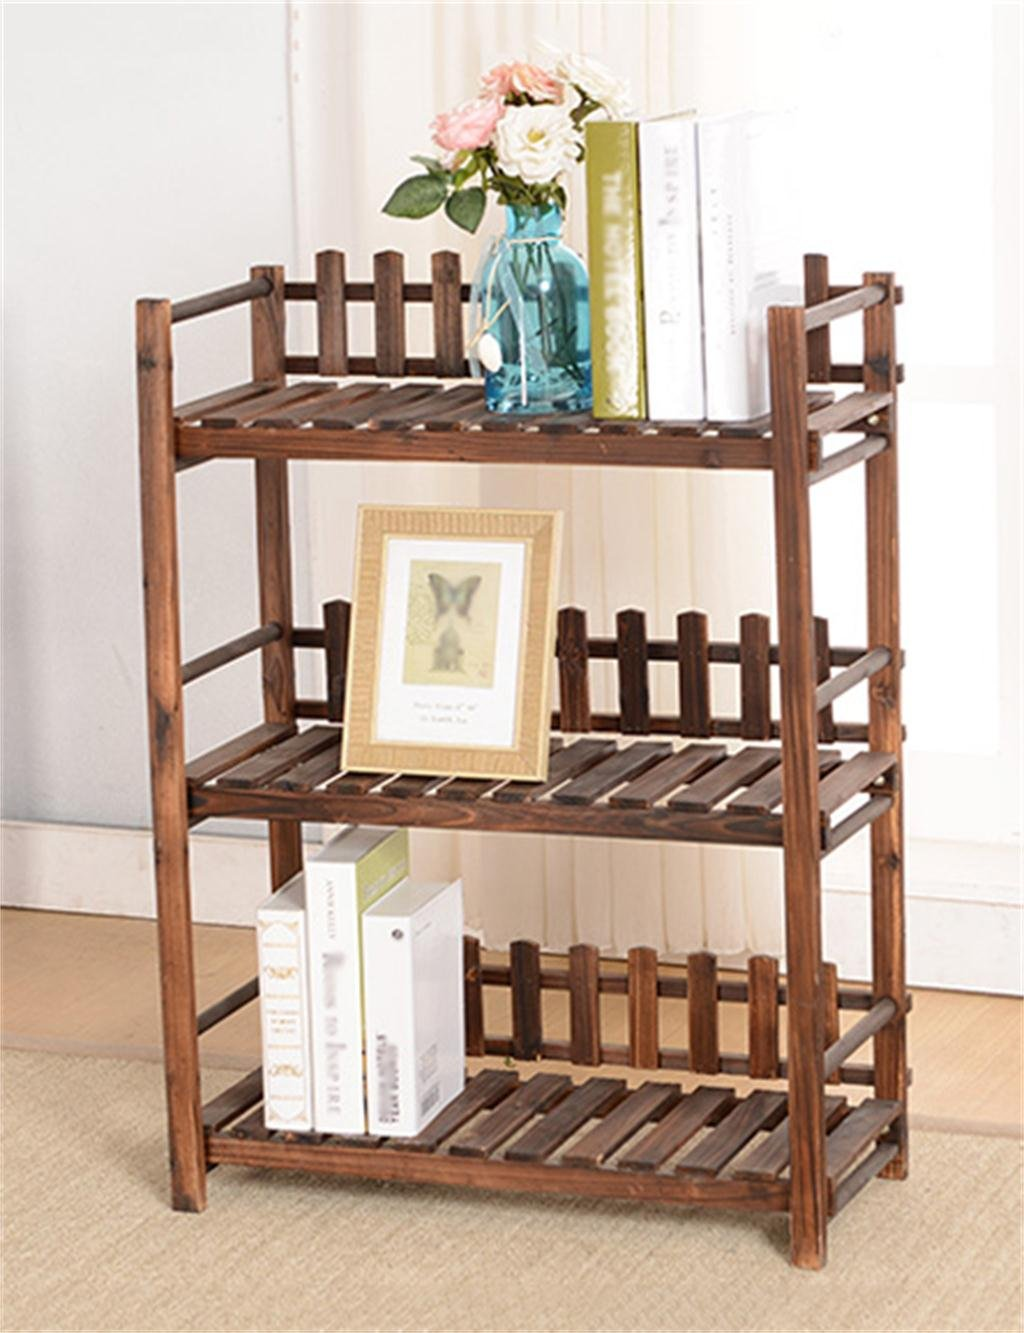 h lzerner mehrschichtboden blumen topf regal betriebs standplatz blumenregal f r garten im. Black Bedroom Furniture Sets. Home Design Ideas